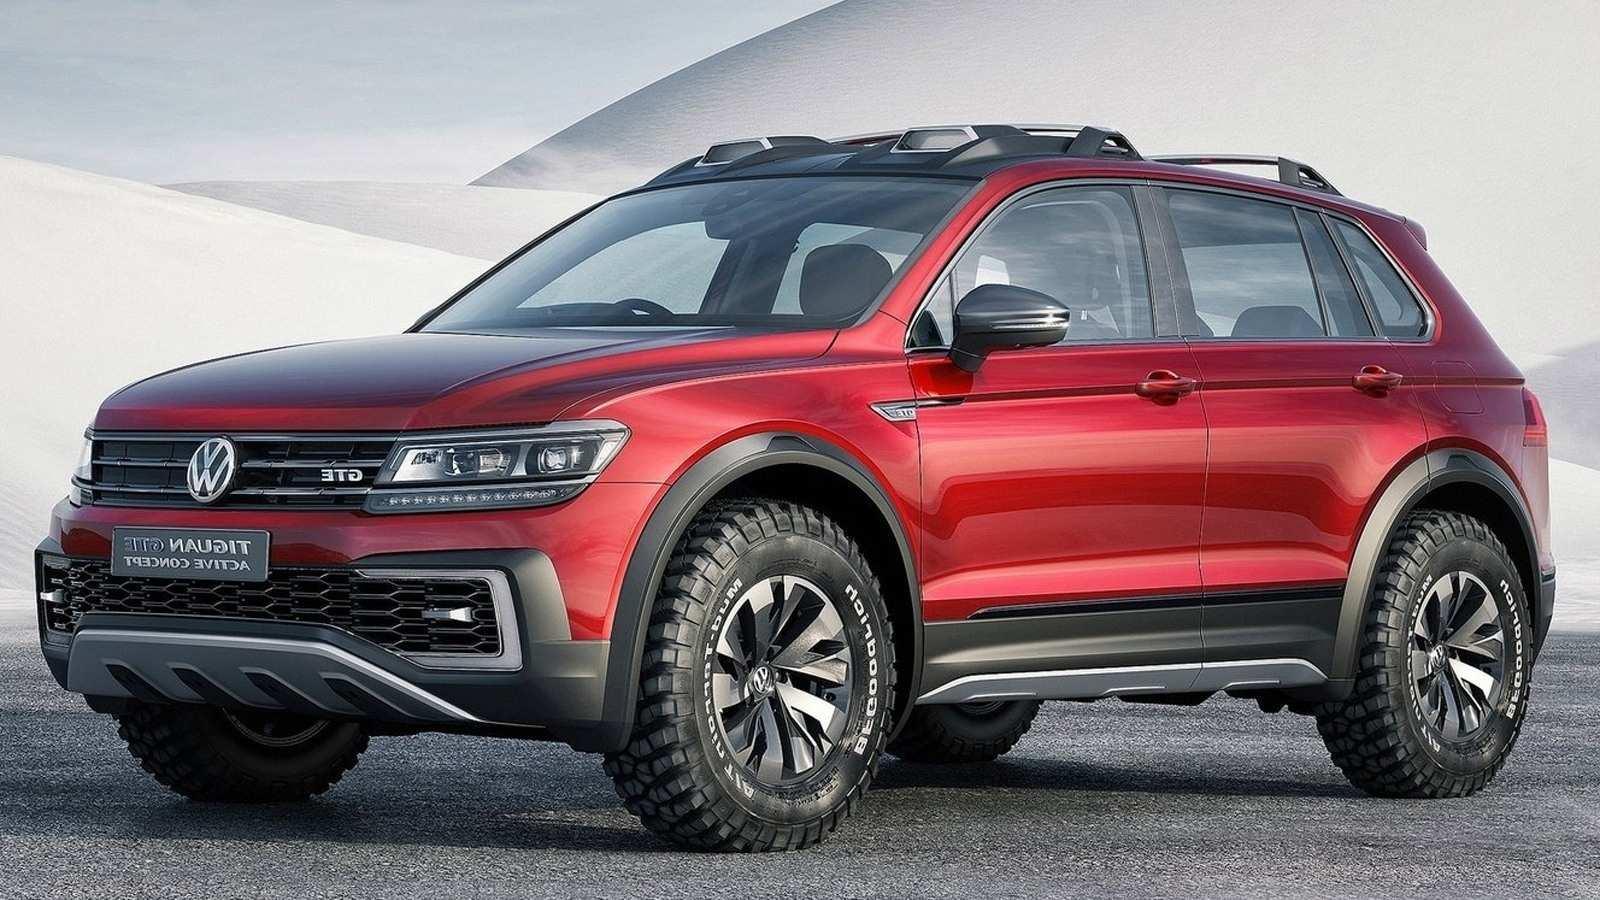 88 Concept of 2019 Volkswagen T Roc New Concept by 2019 Volkswagen T Roc